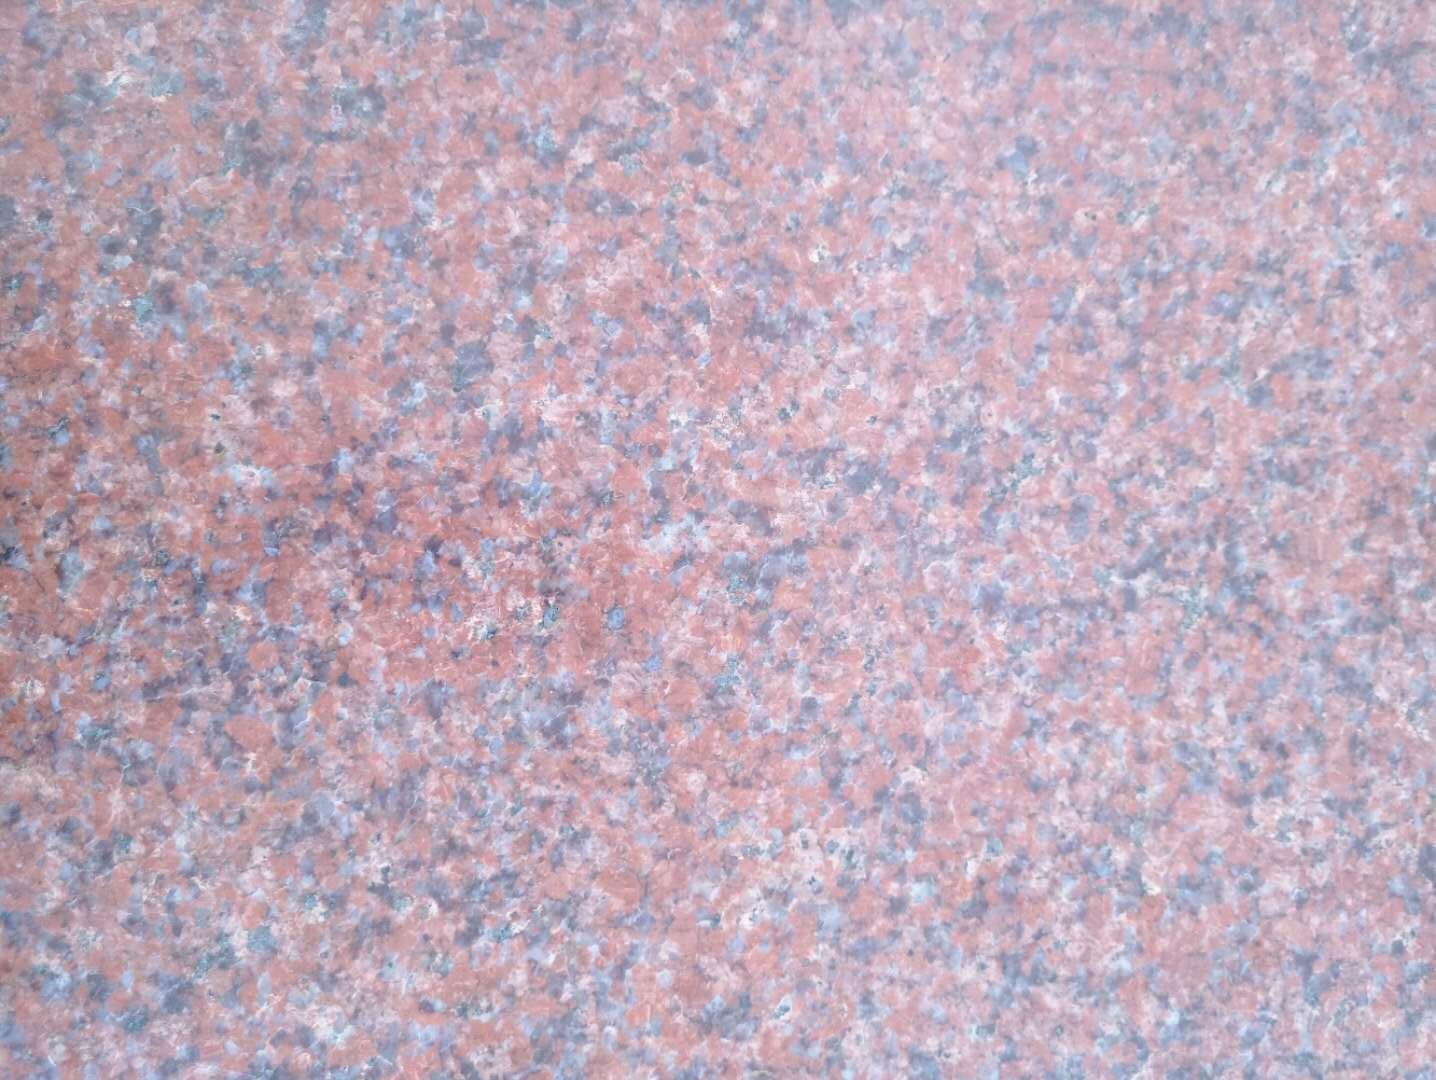 櫻花紅石材光面